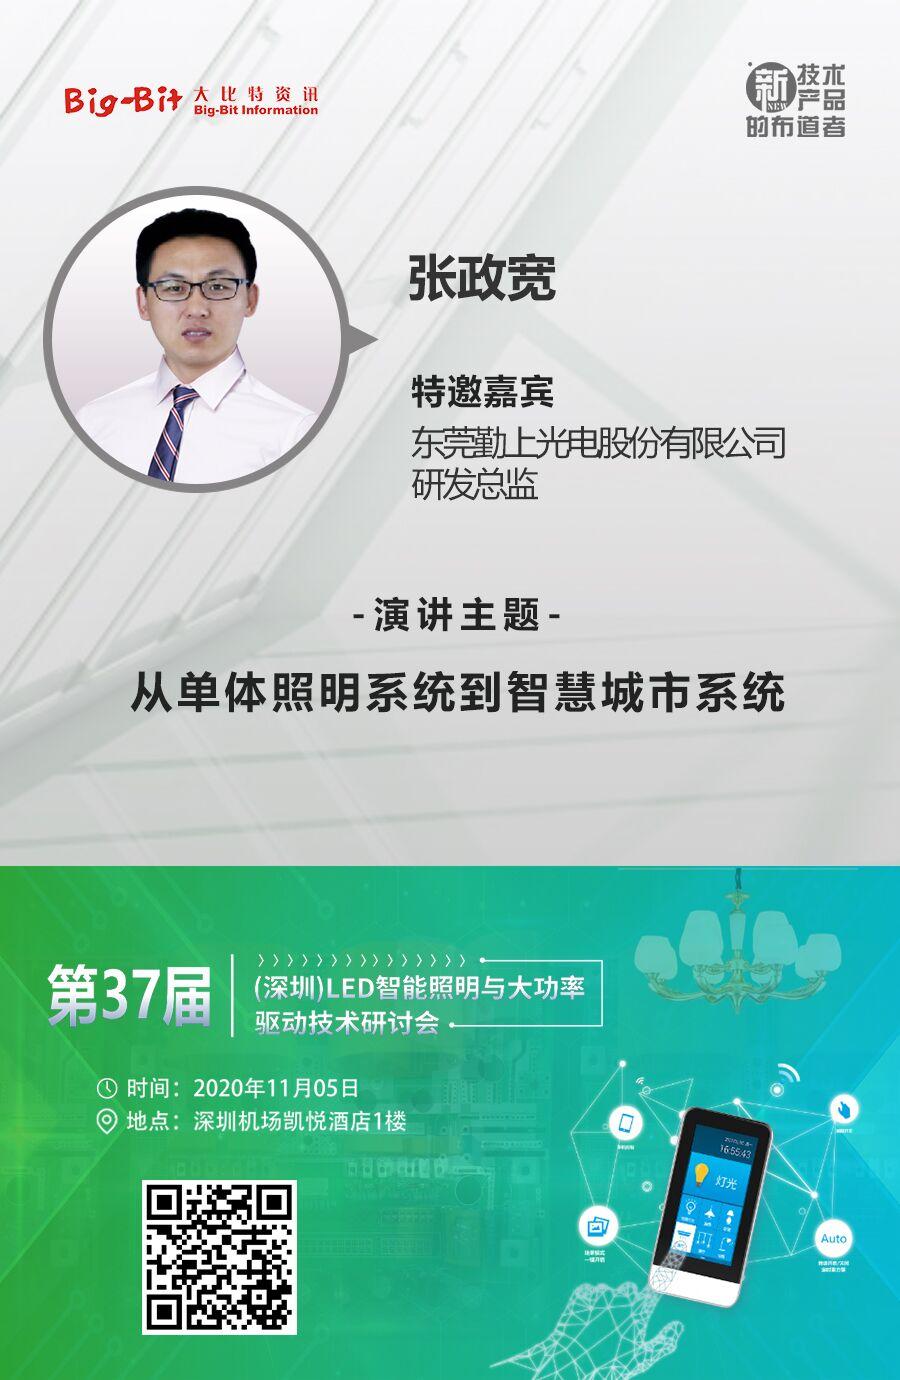 东莞勤上光电股份有限公司智能技术部总监张政宽